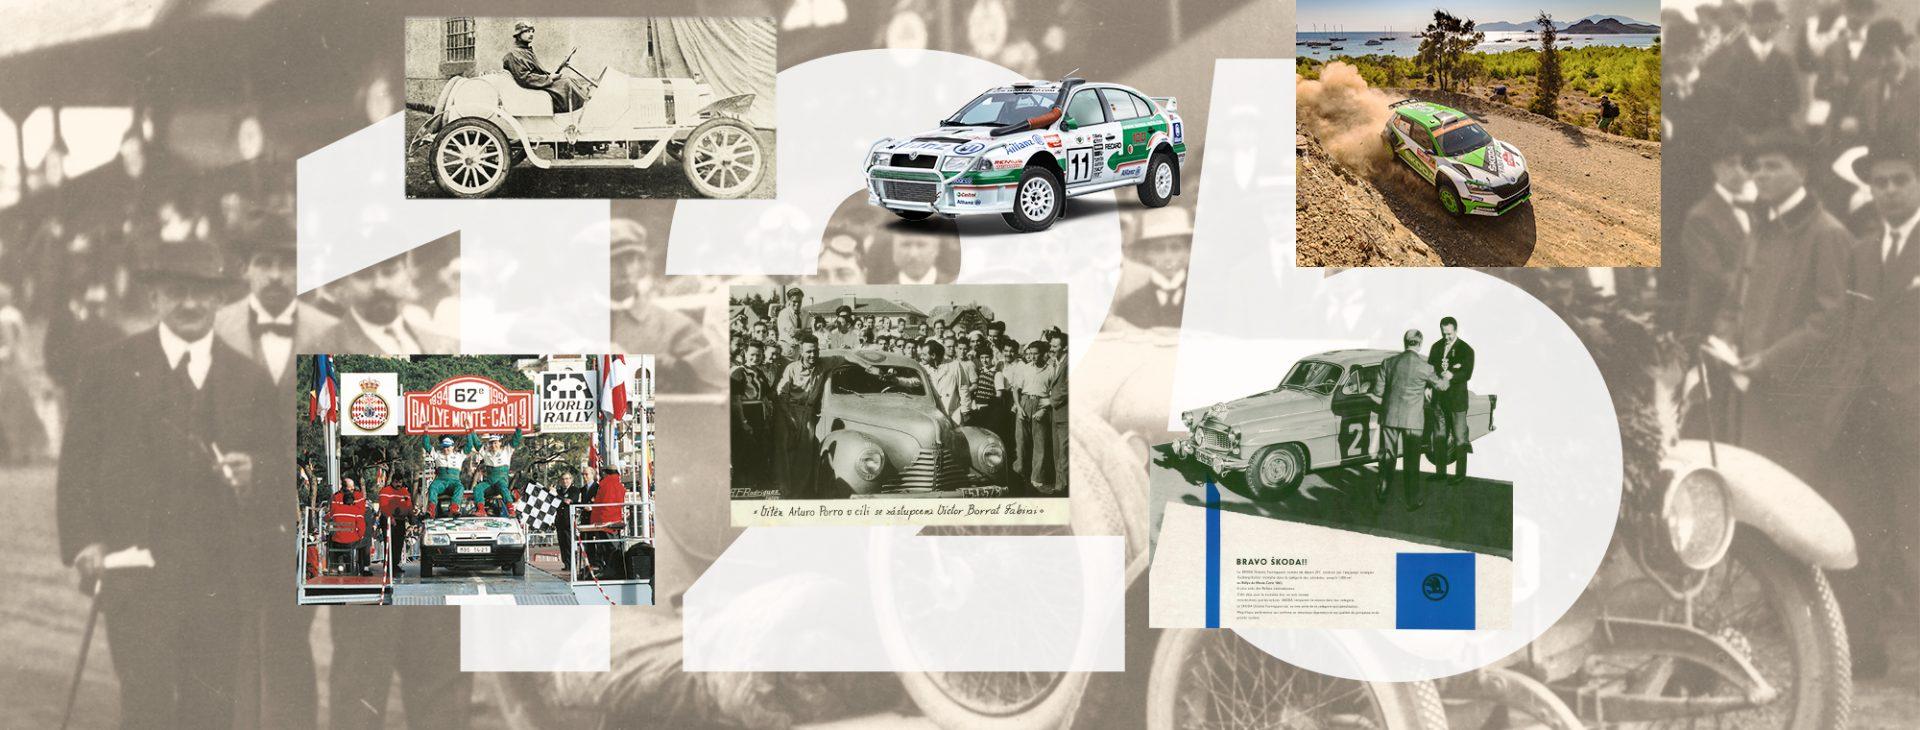 Skoda_Header_125let_motorsport_2-1920x730